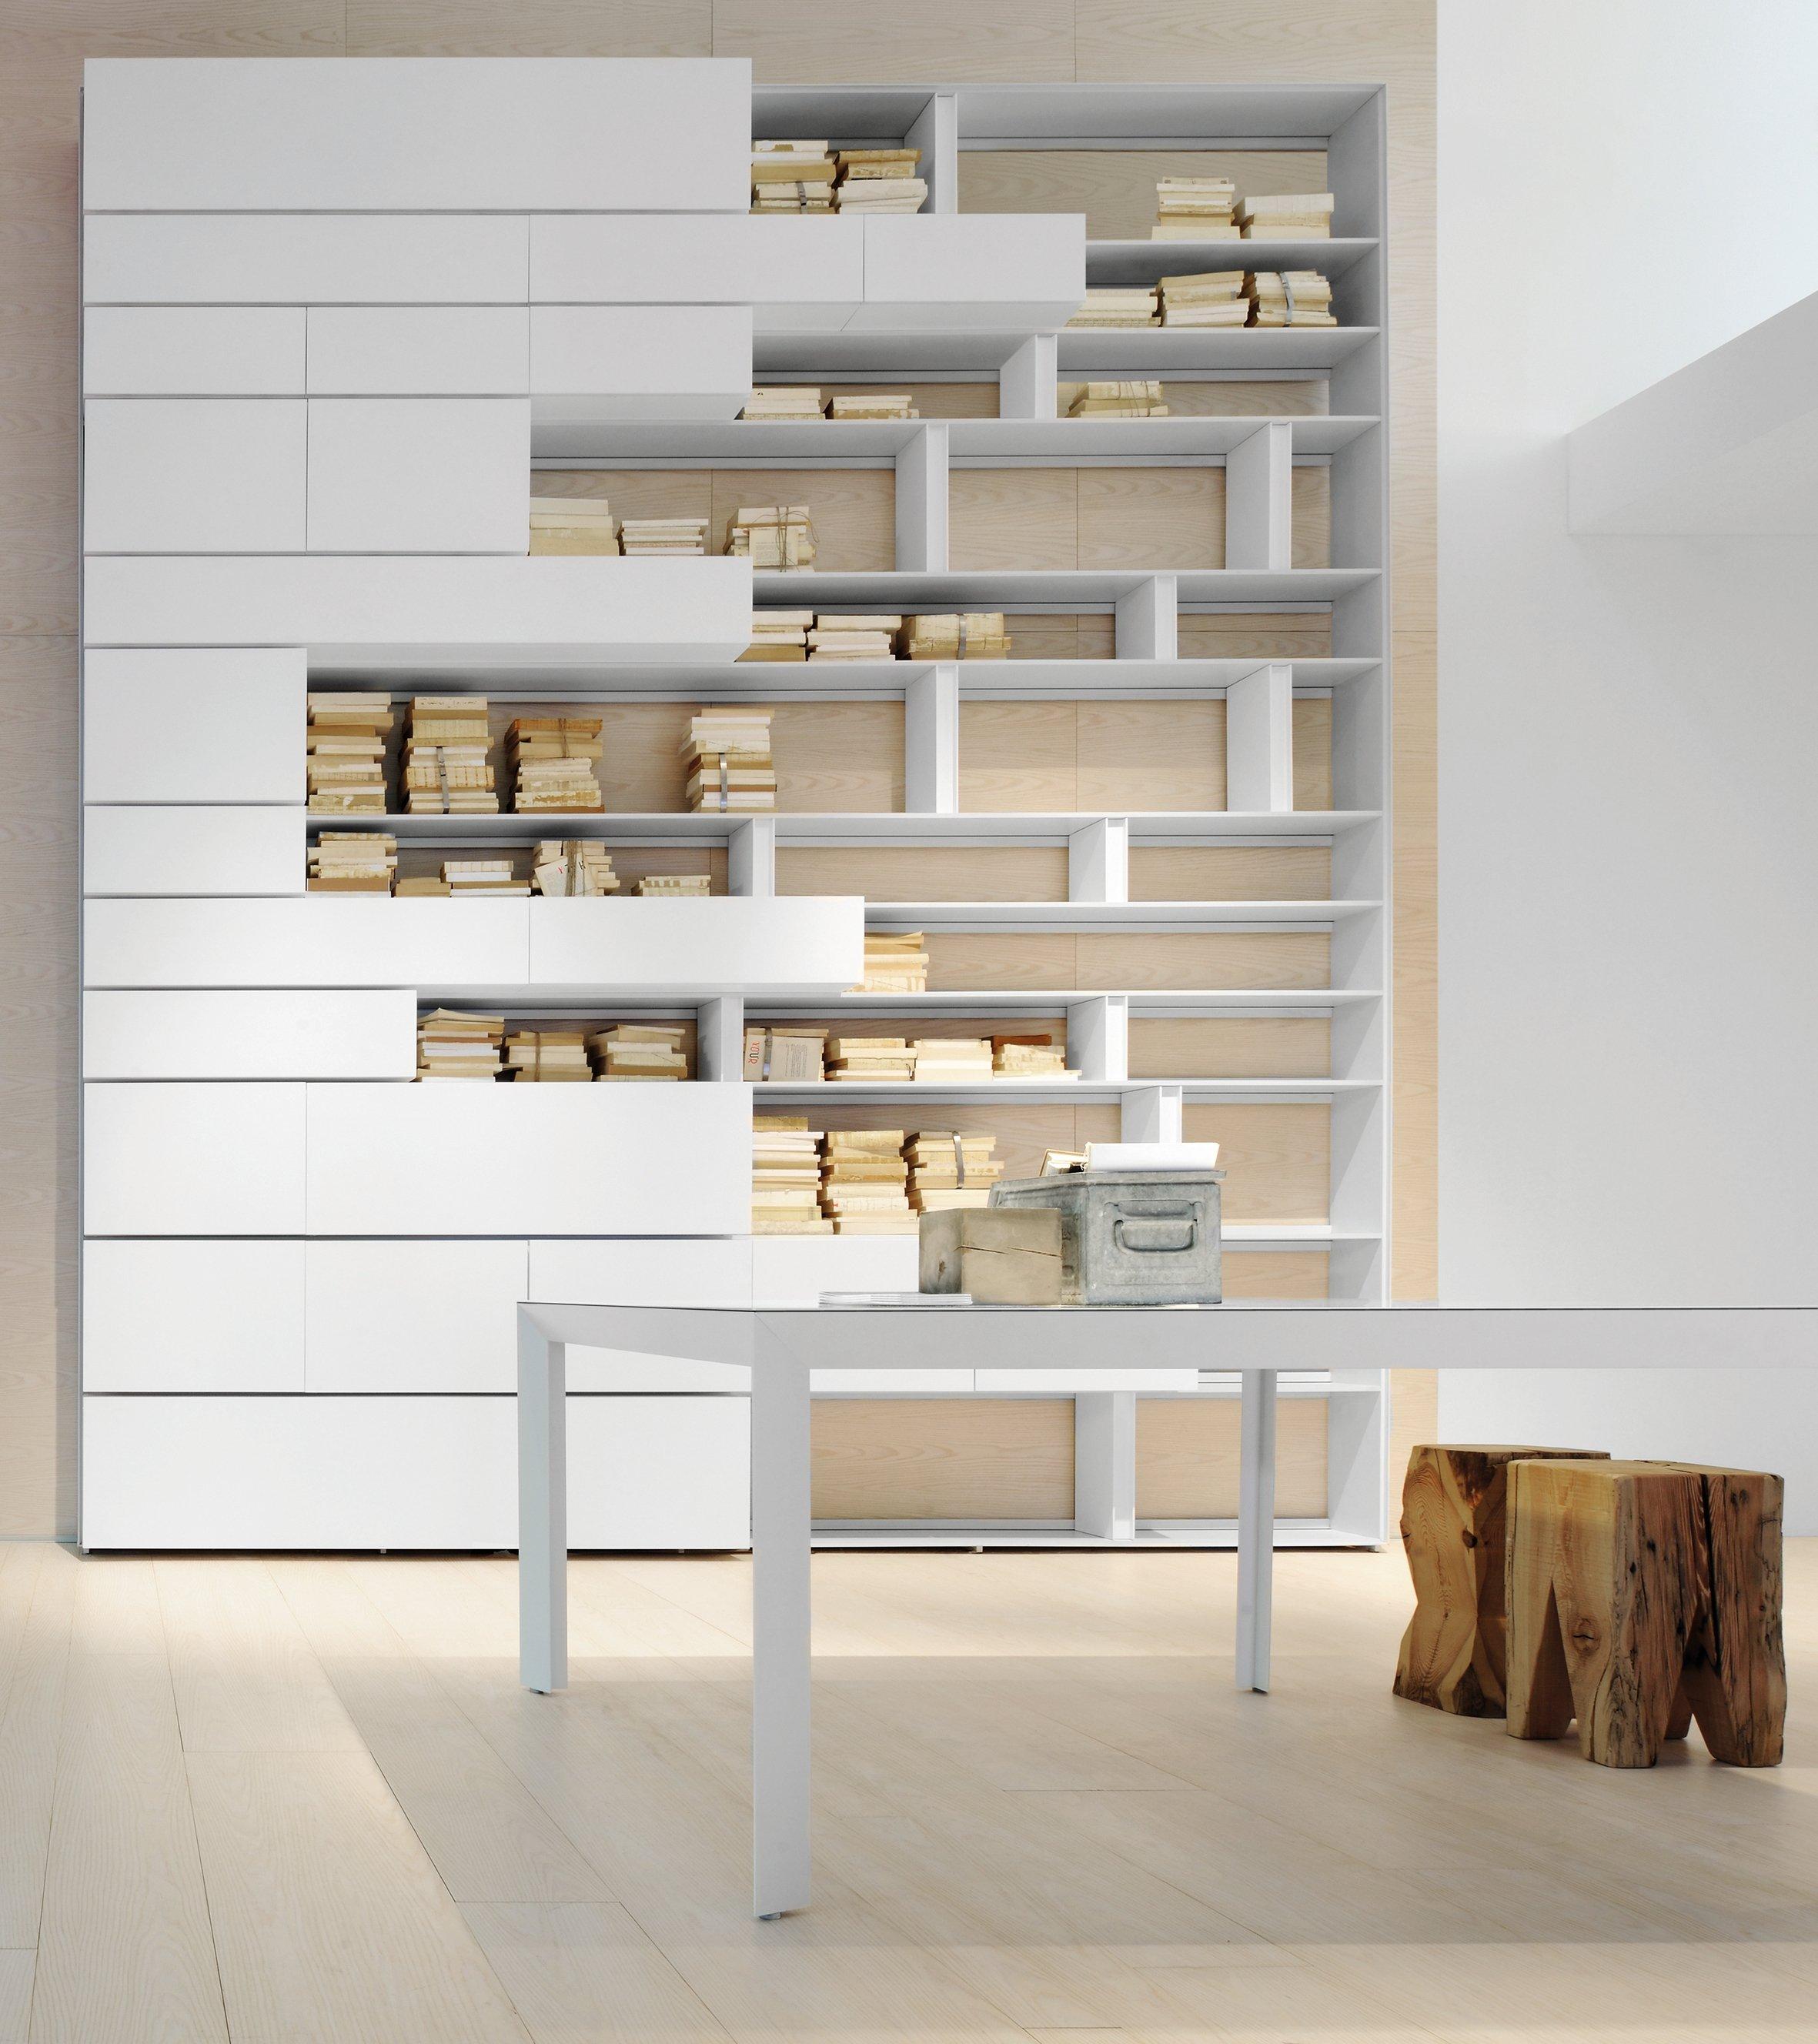 Pannelli divisori 3d - Divisorio cucina soggiorno ...